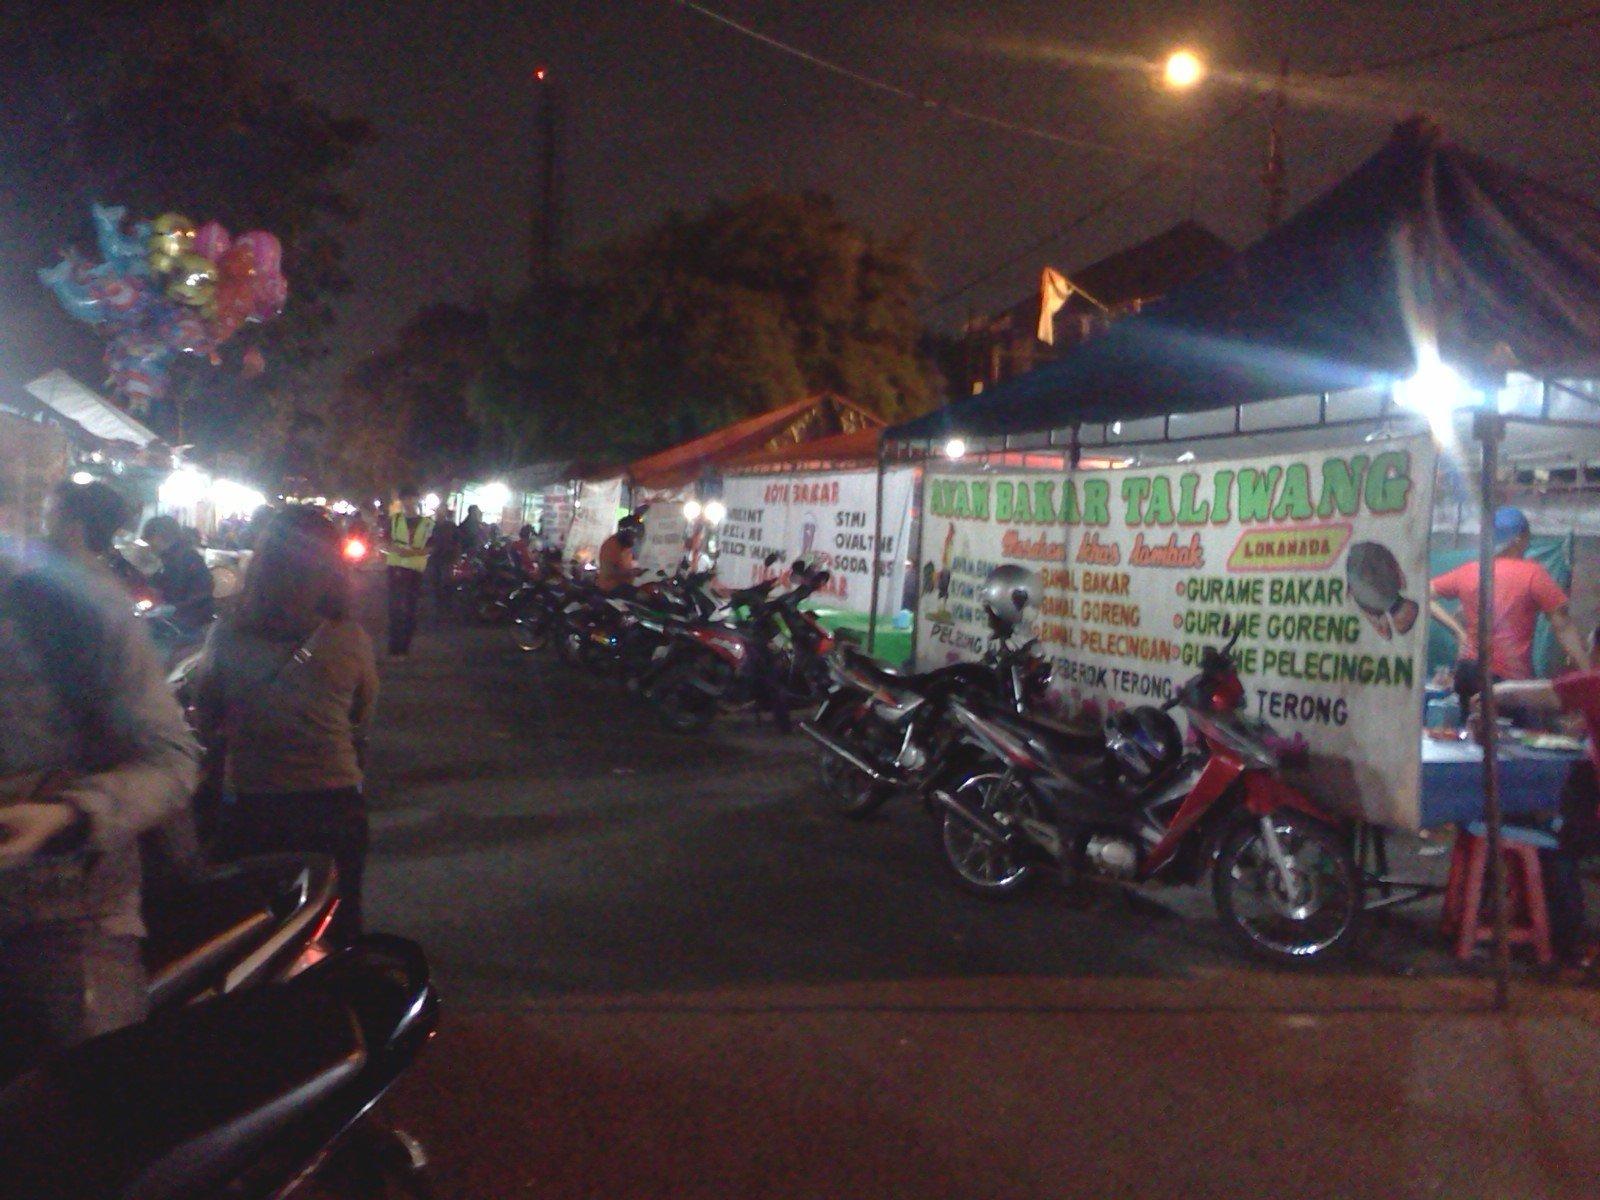 Depok yang bersahabat dengan jakarta selatan ExploreBandung; 7 Tempat Kuliner Legendaris di Jakarta Selatan Yang Cocok Untuk Nongkrong Dan Biaya Murah